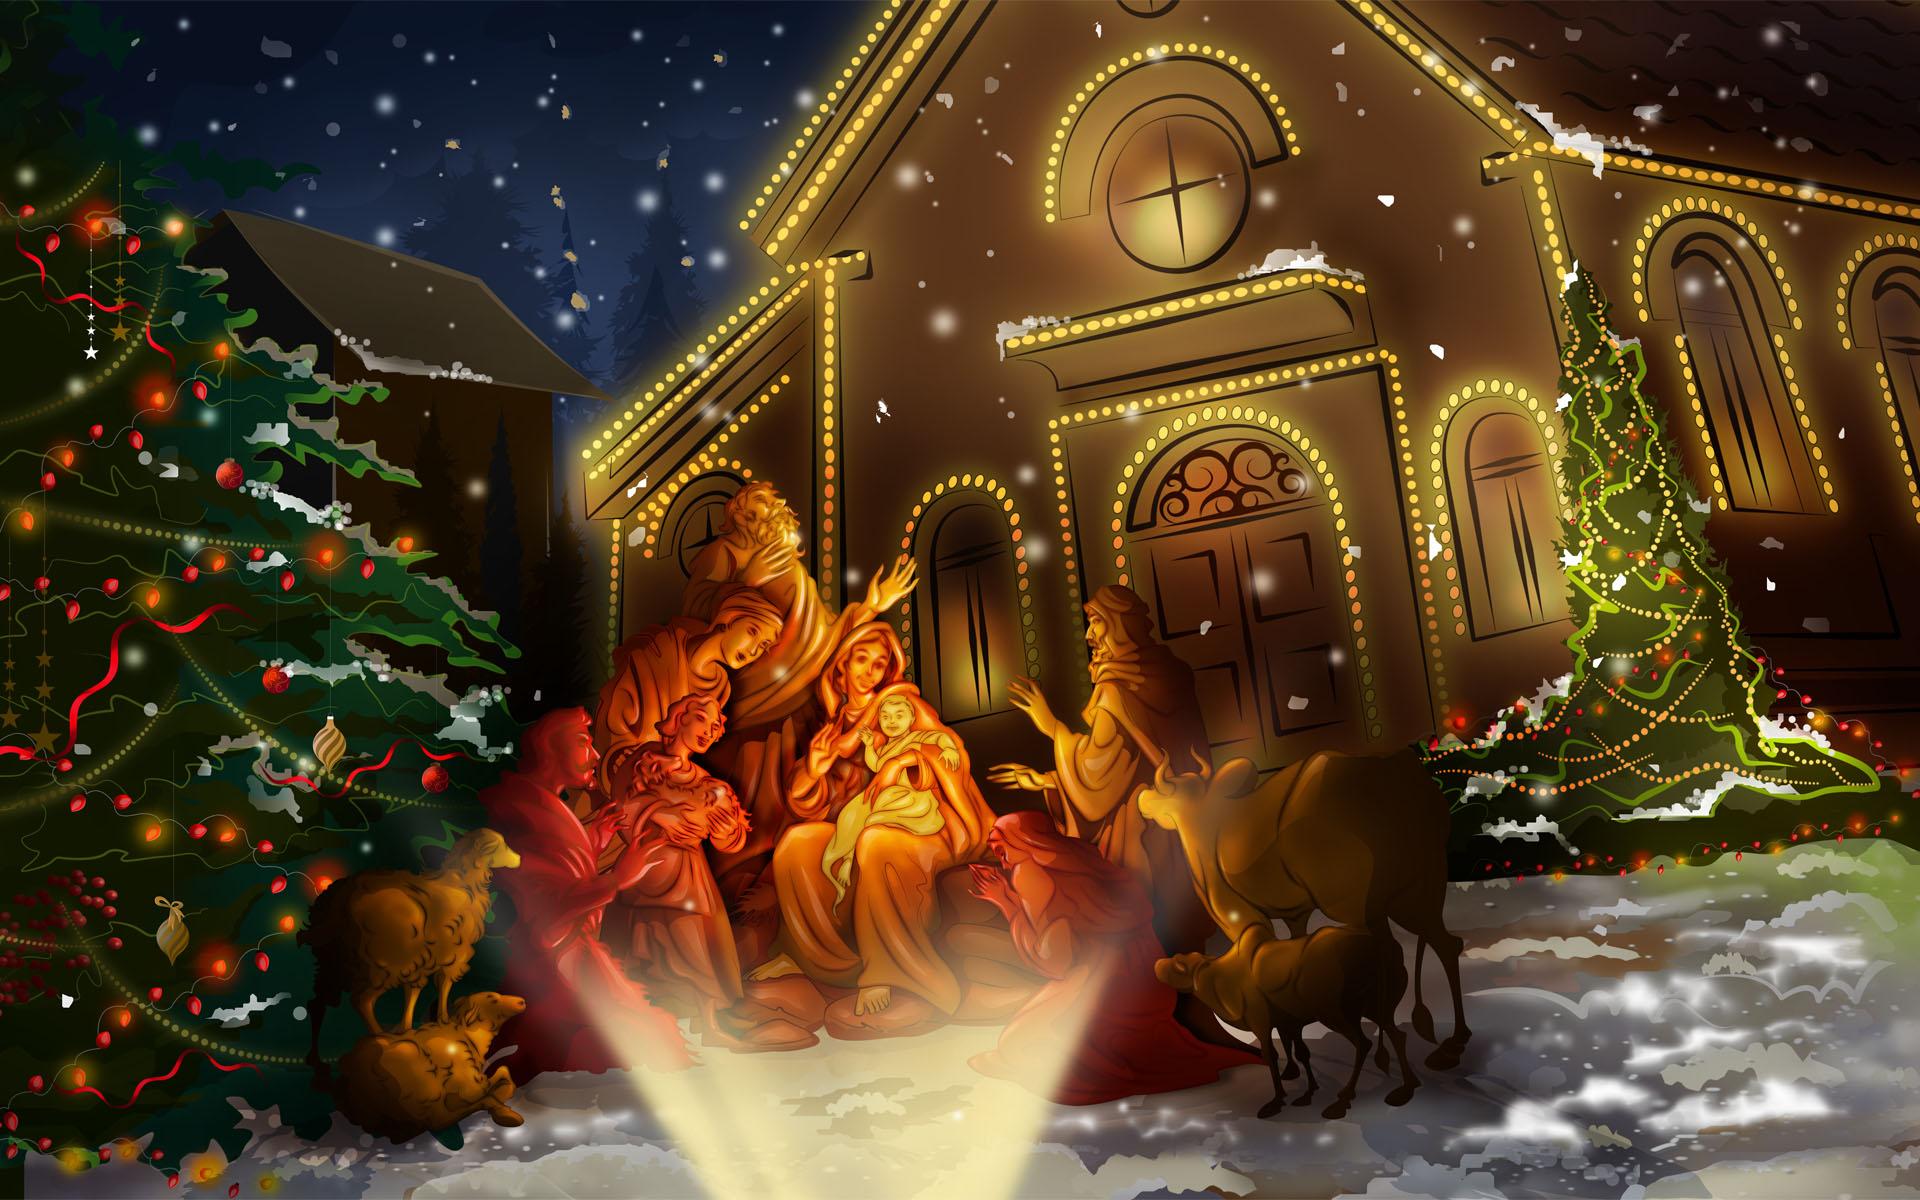 https://i.ibb.co/JR8nvSn/1920x1200-px-Christmas-jesus-manger-1793367.jpg